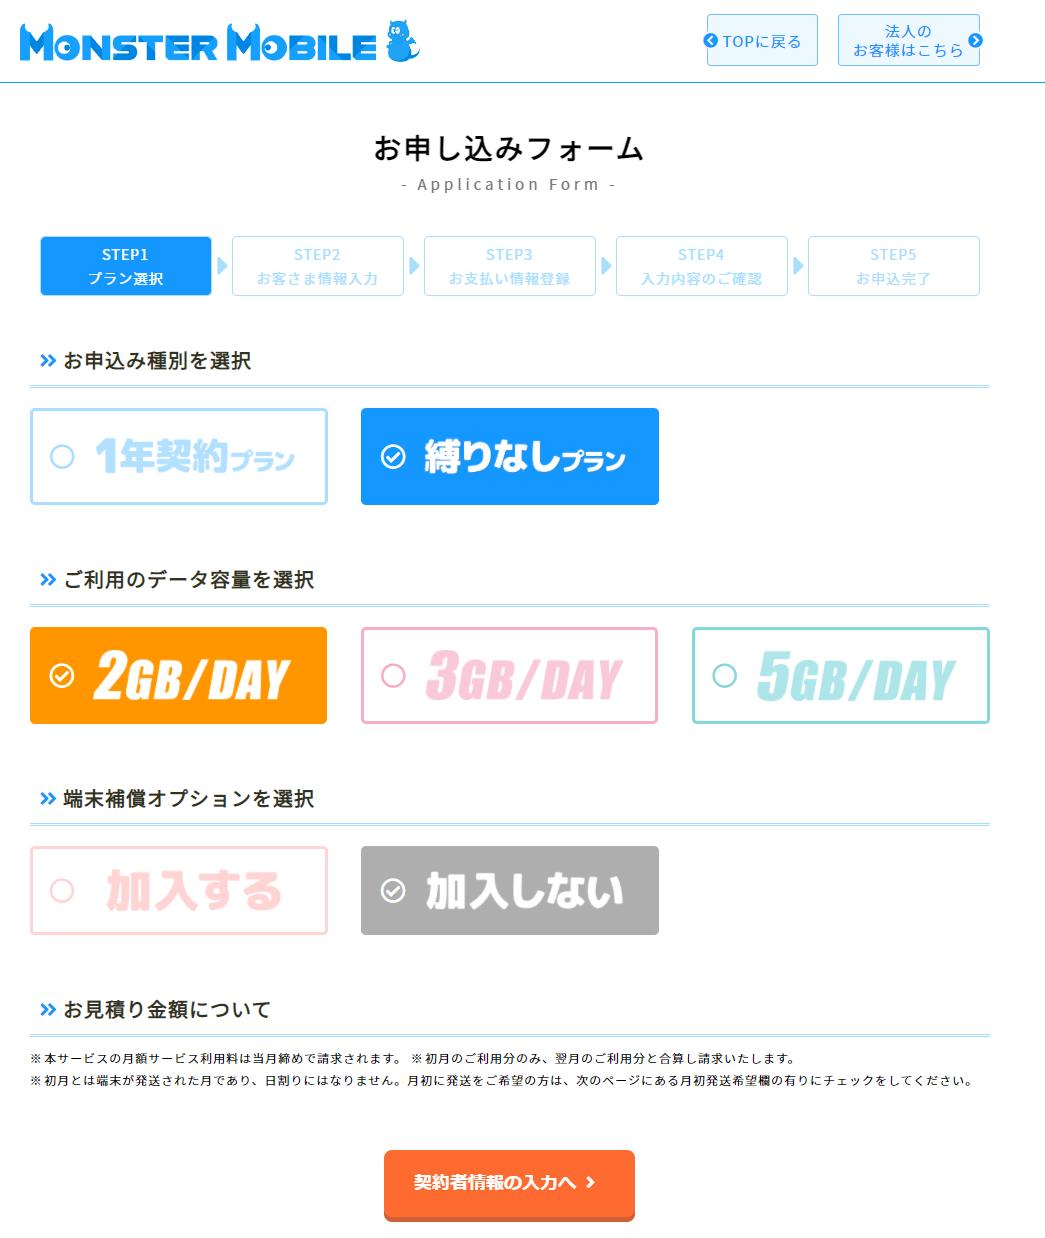 MONSTER MOBILE申し込みフォーム画面